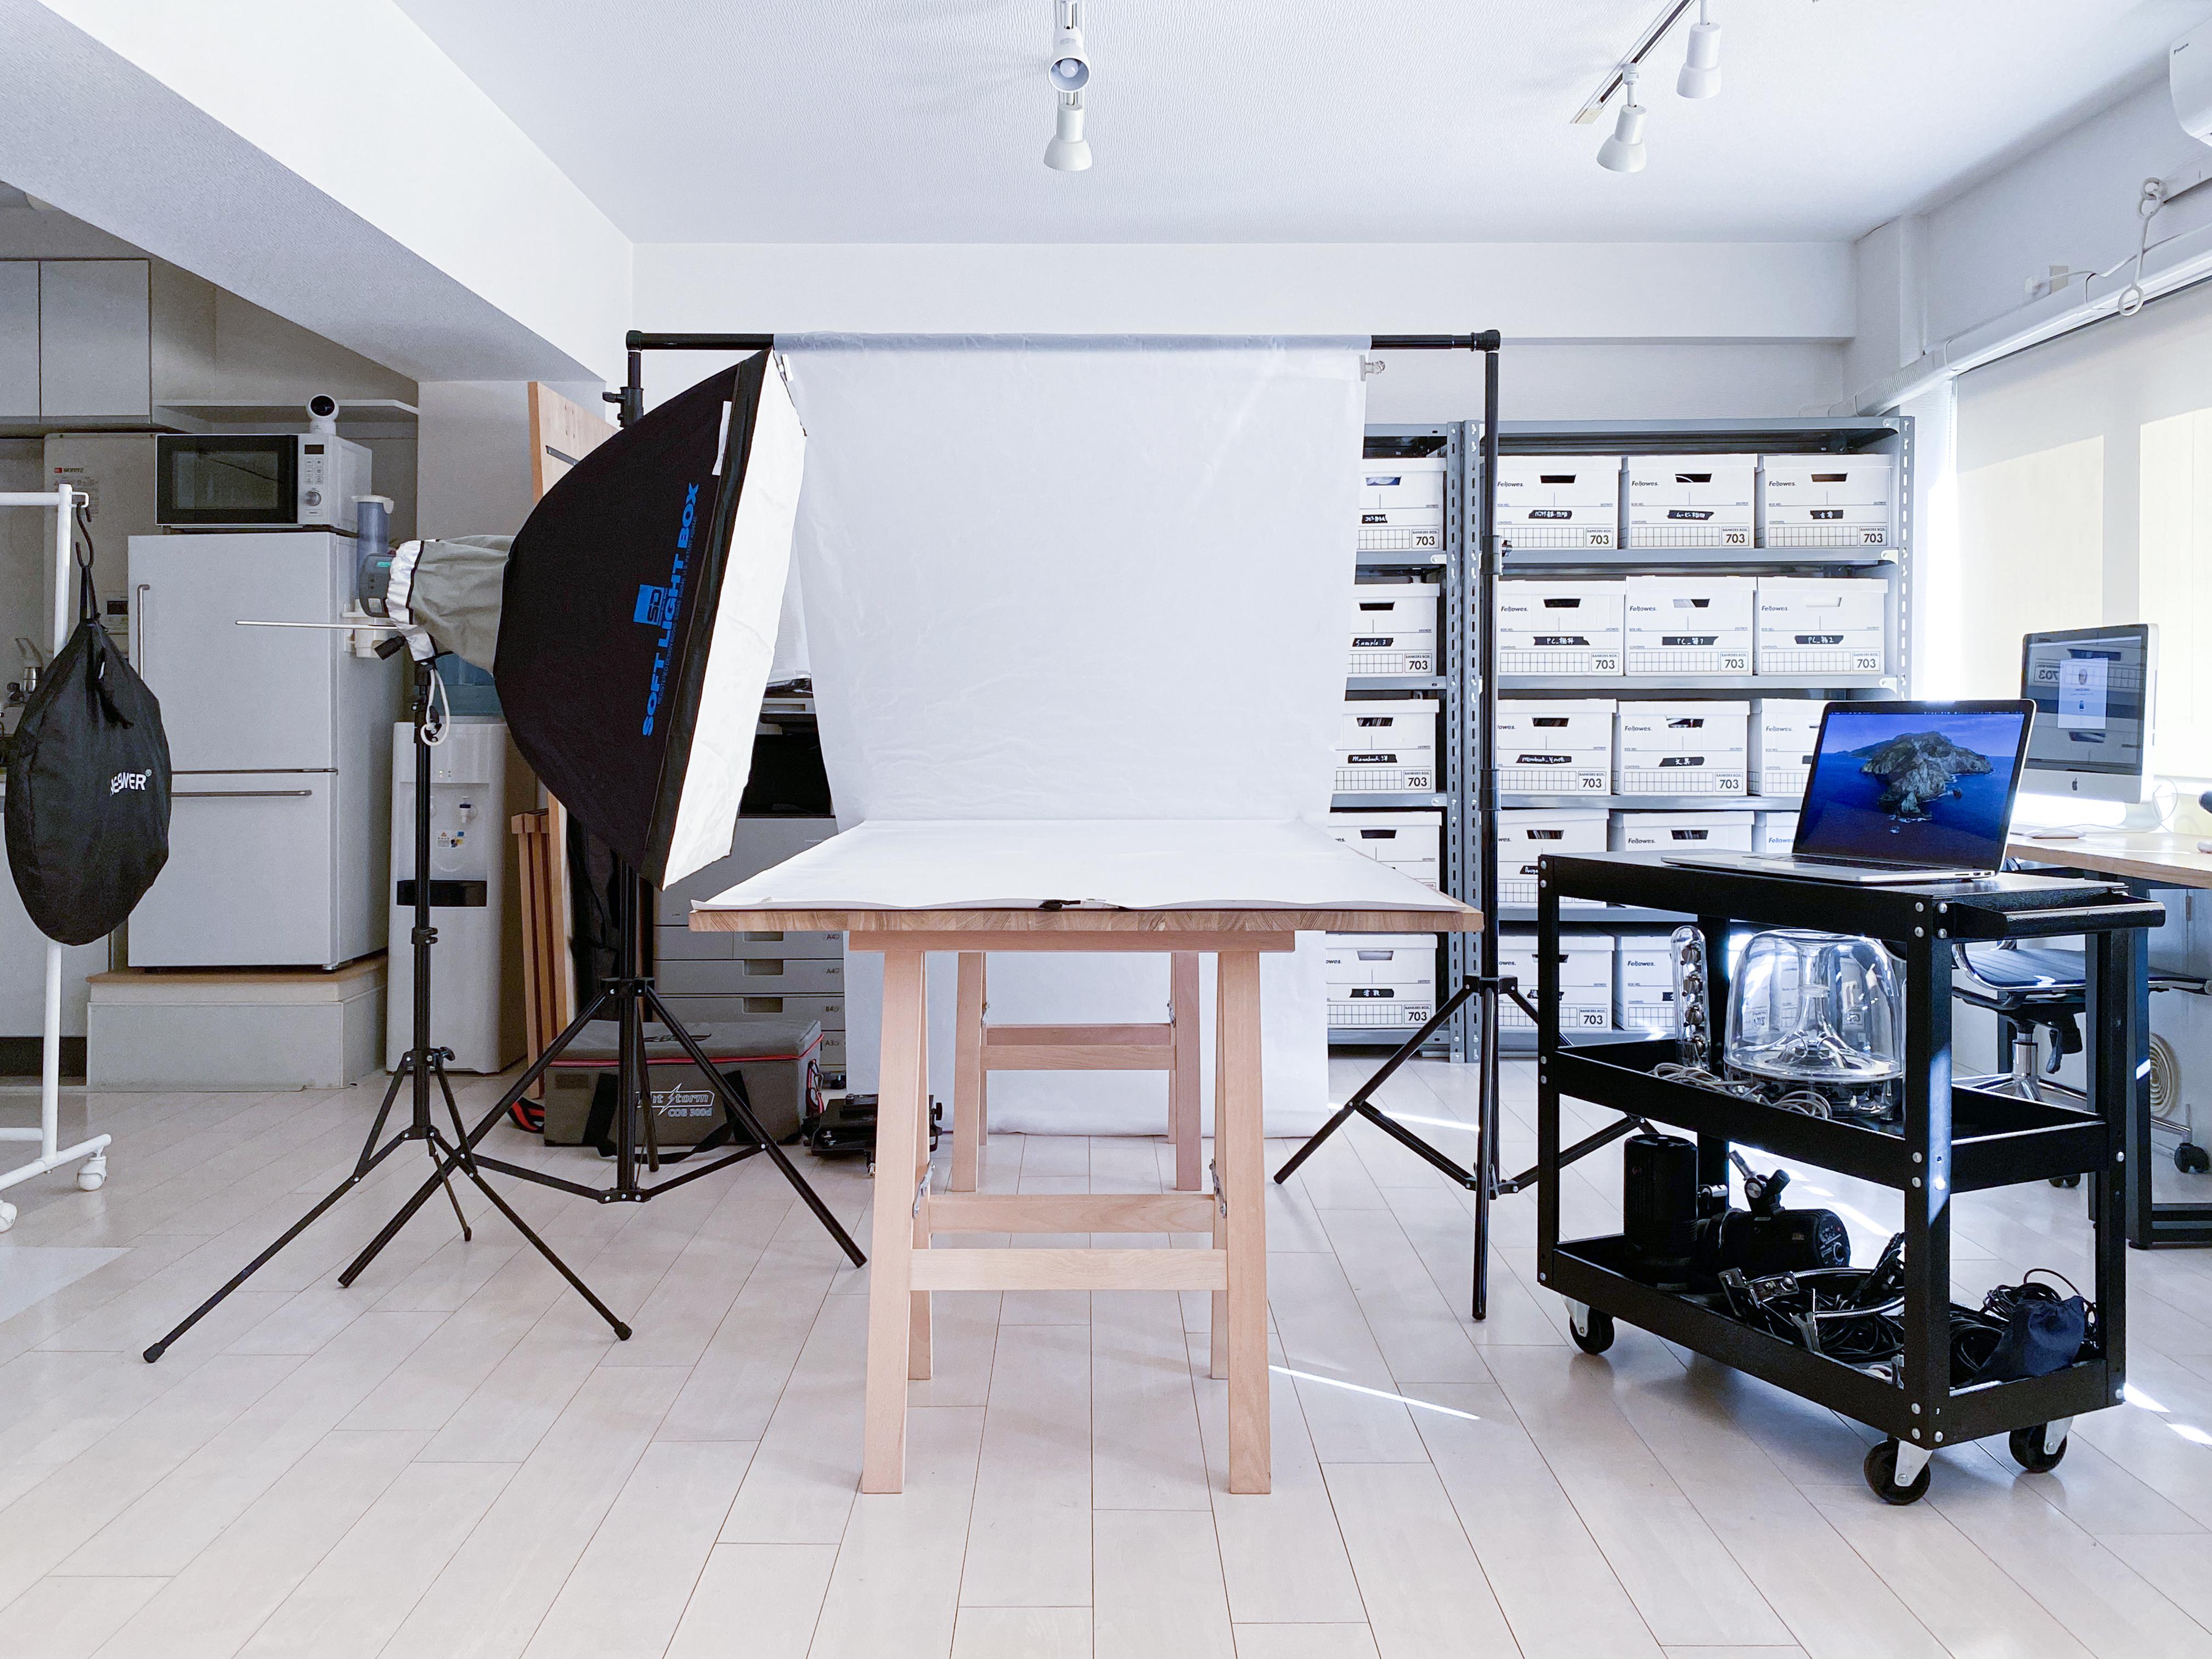 セッティング例:天板1台/商品撮影イメージ - 西麻布撮影スタジオ 六本木駅近 レンタルスタジオ&ワークスペースの室内の写真